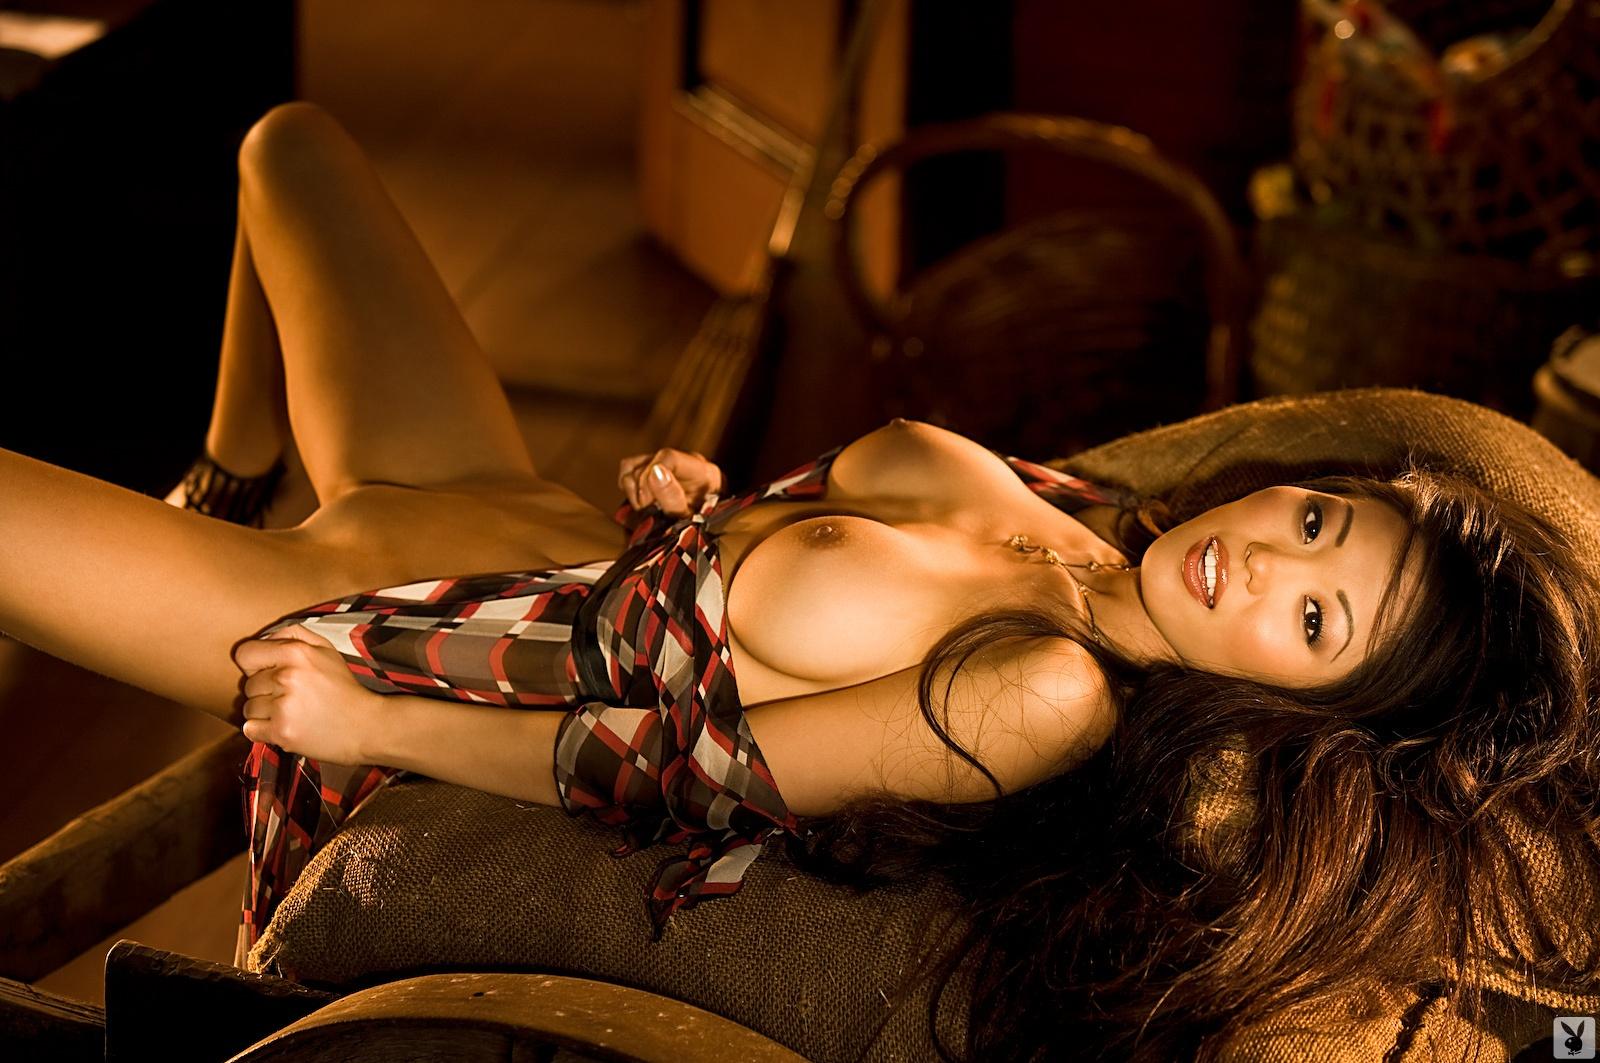 Эротическое фото китаек 9 фотография